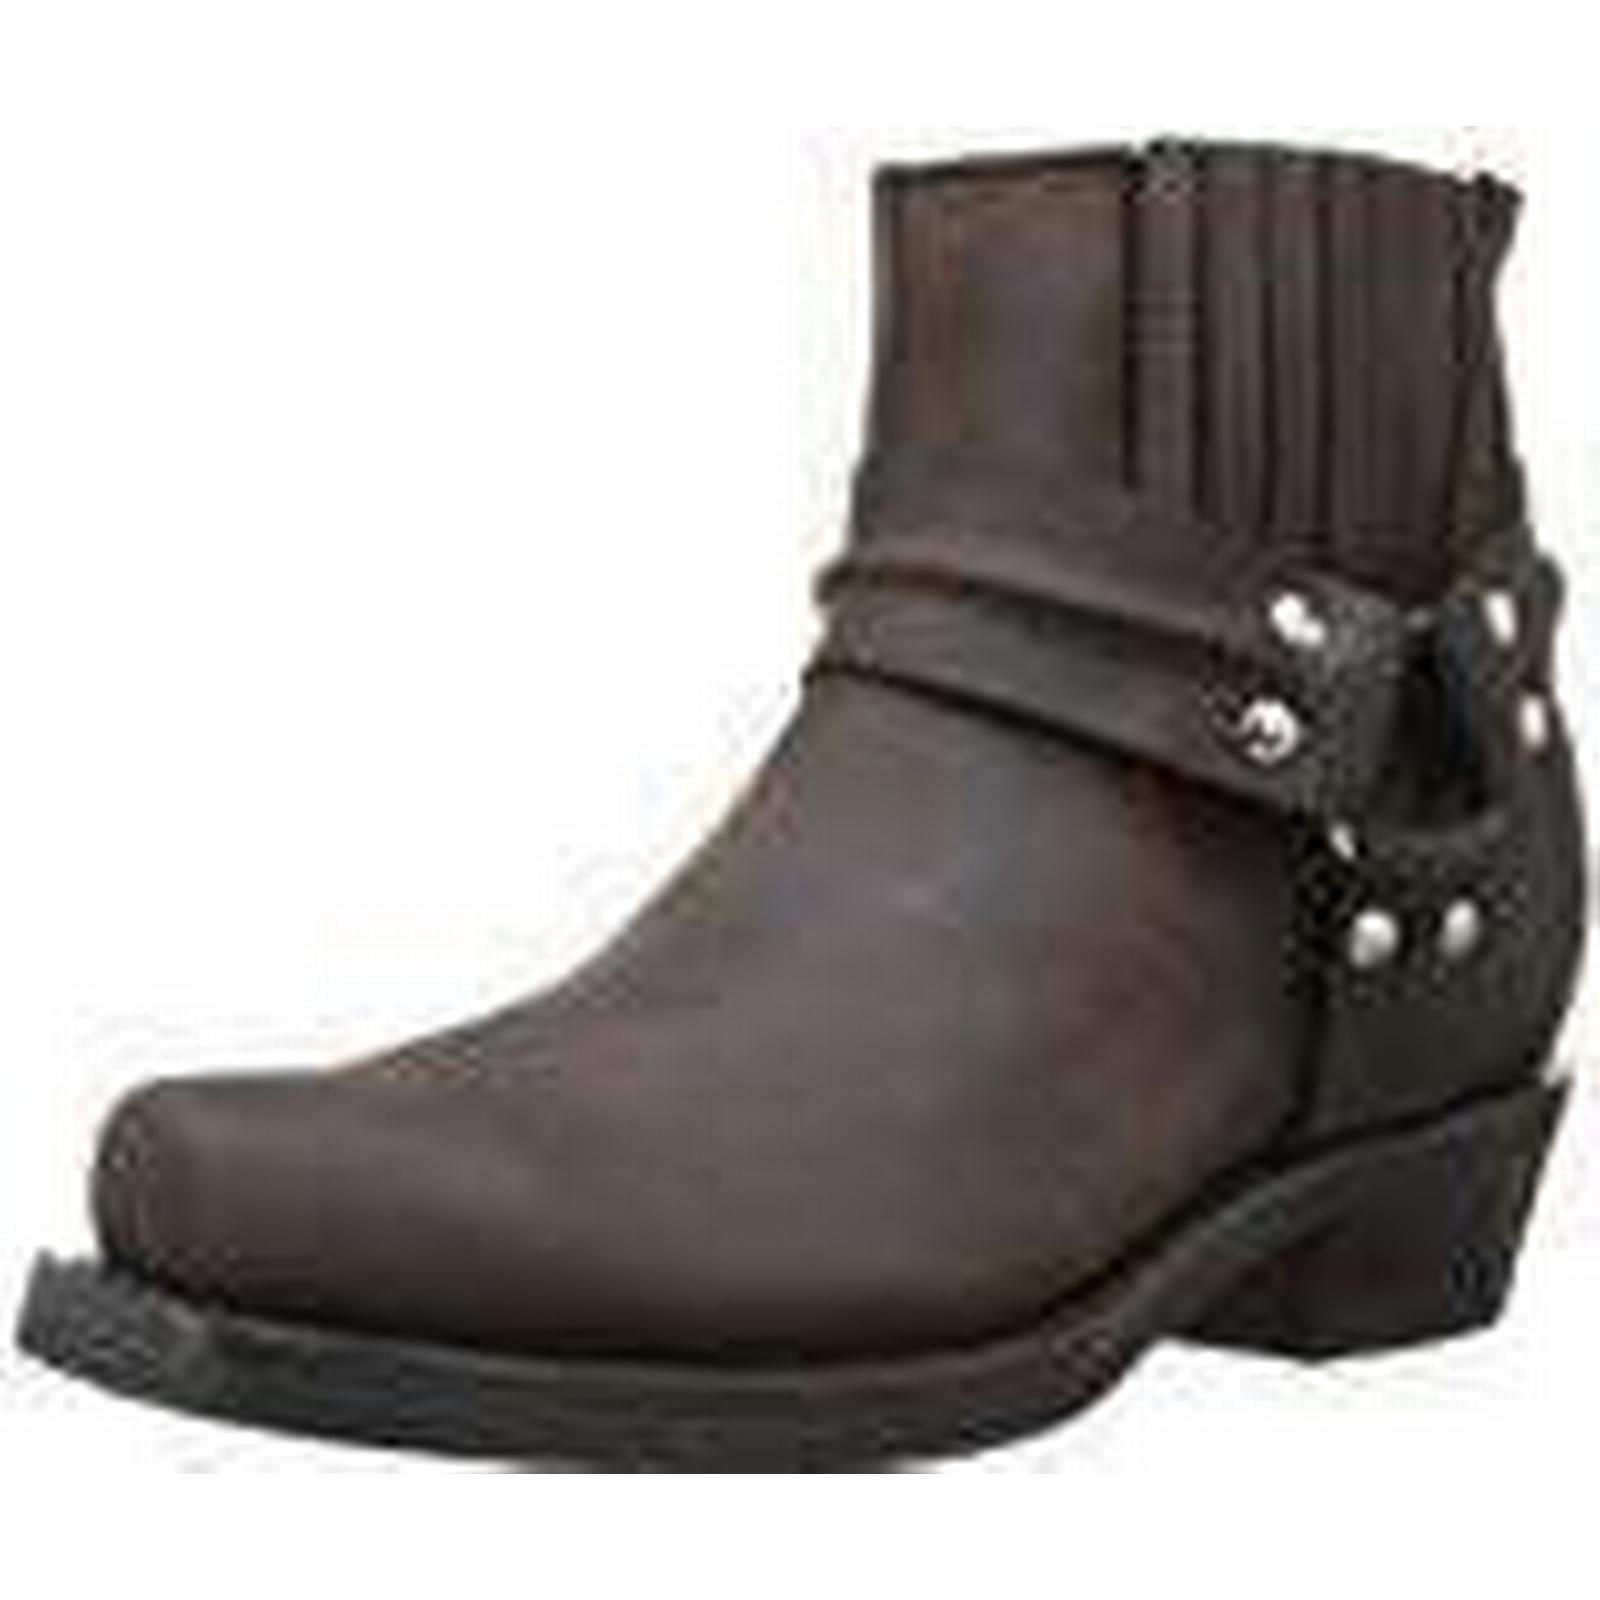 Grinders Renegade L, (Brown), Men's Cowboy Boots, Brown (Brown), L, 9 UK (43 EU) 0b46ed